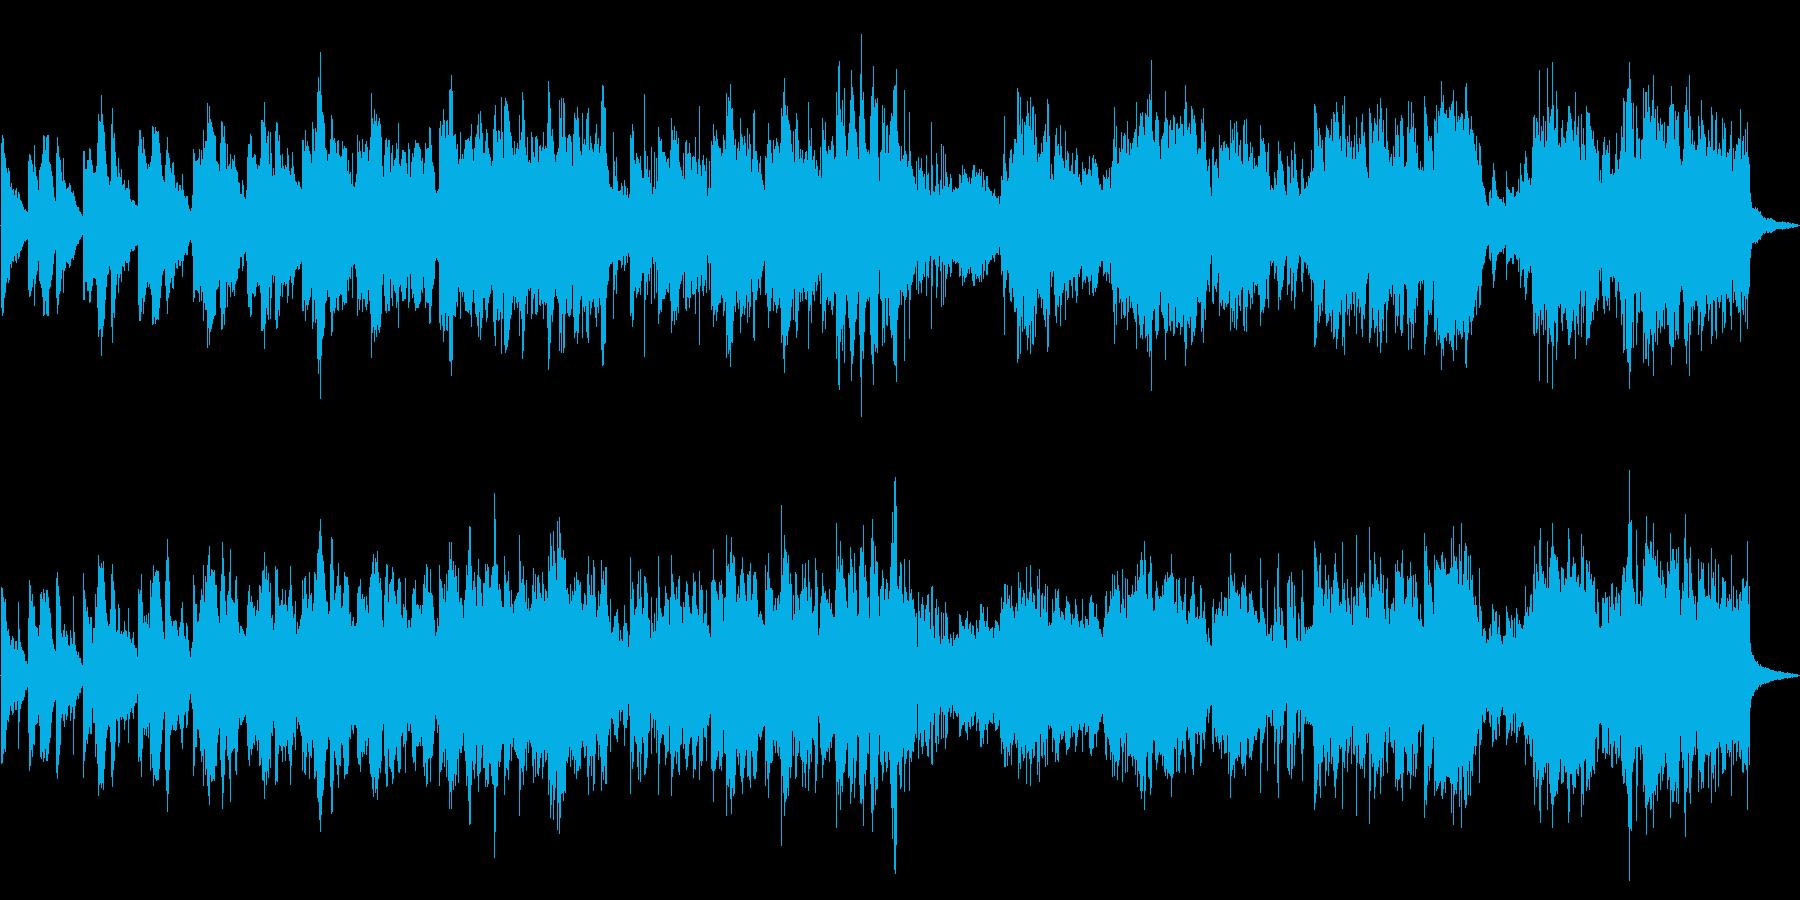 民族楽器のリズムが印象的な探索系の再生済みの波形